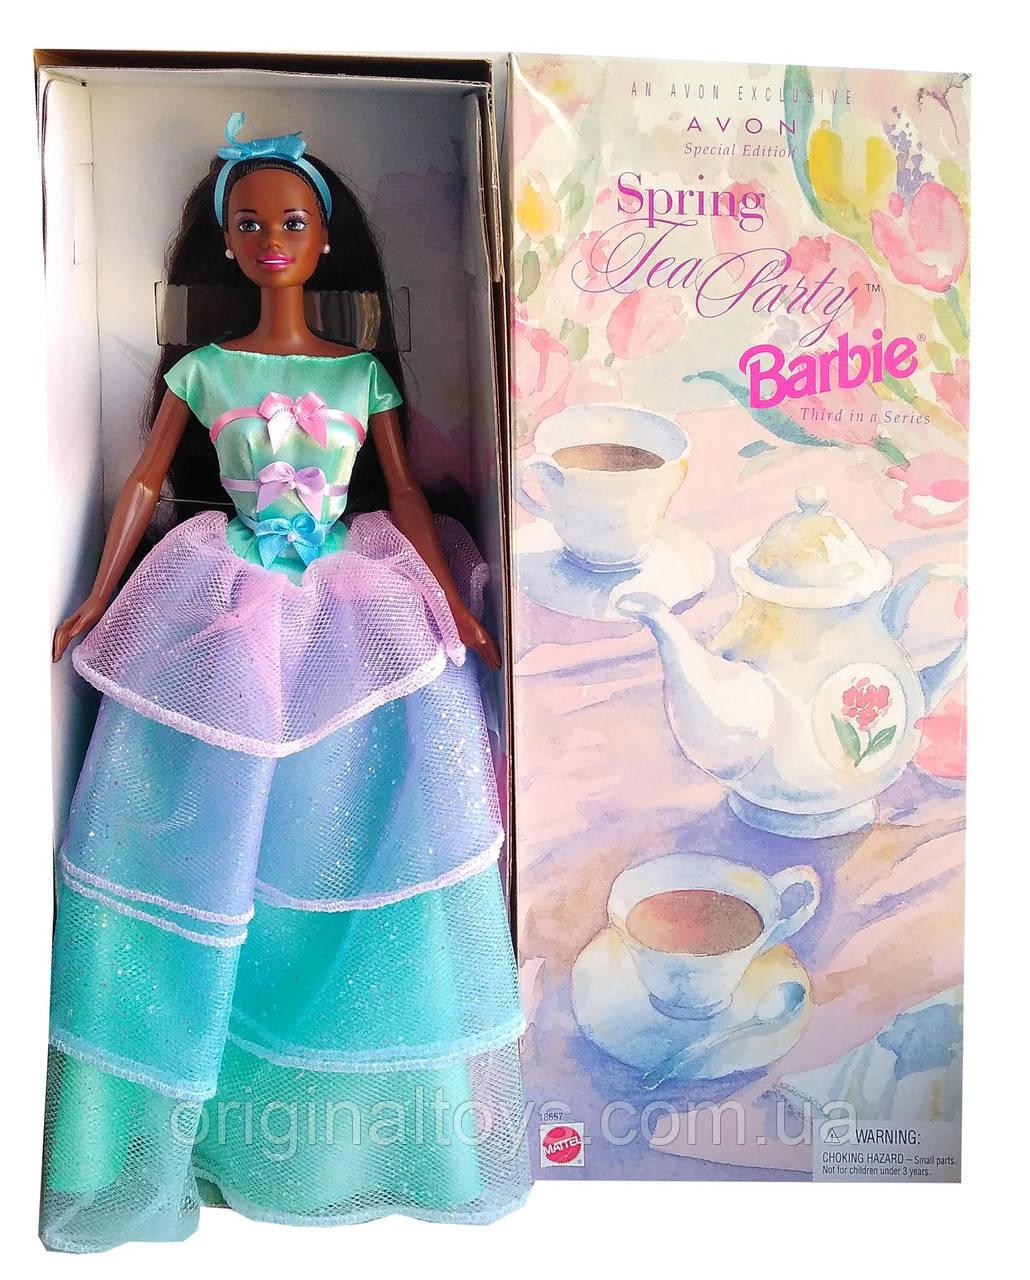 Колекційна лялька Барбі Весняне чаювання Barbie Spring Tea Party Avon 1997 Mattel 18657